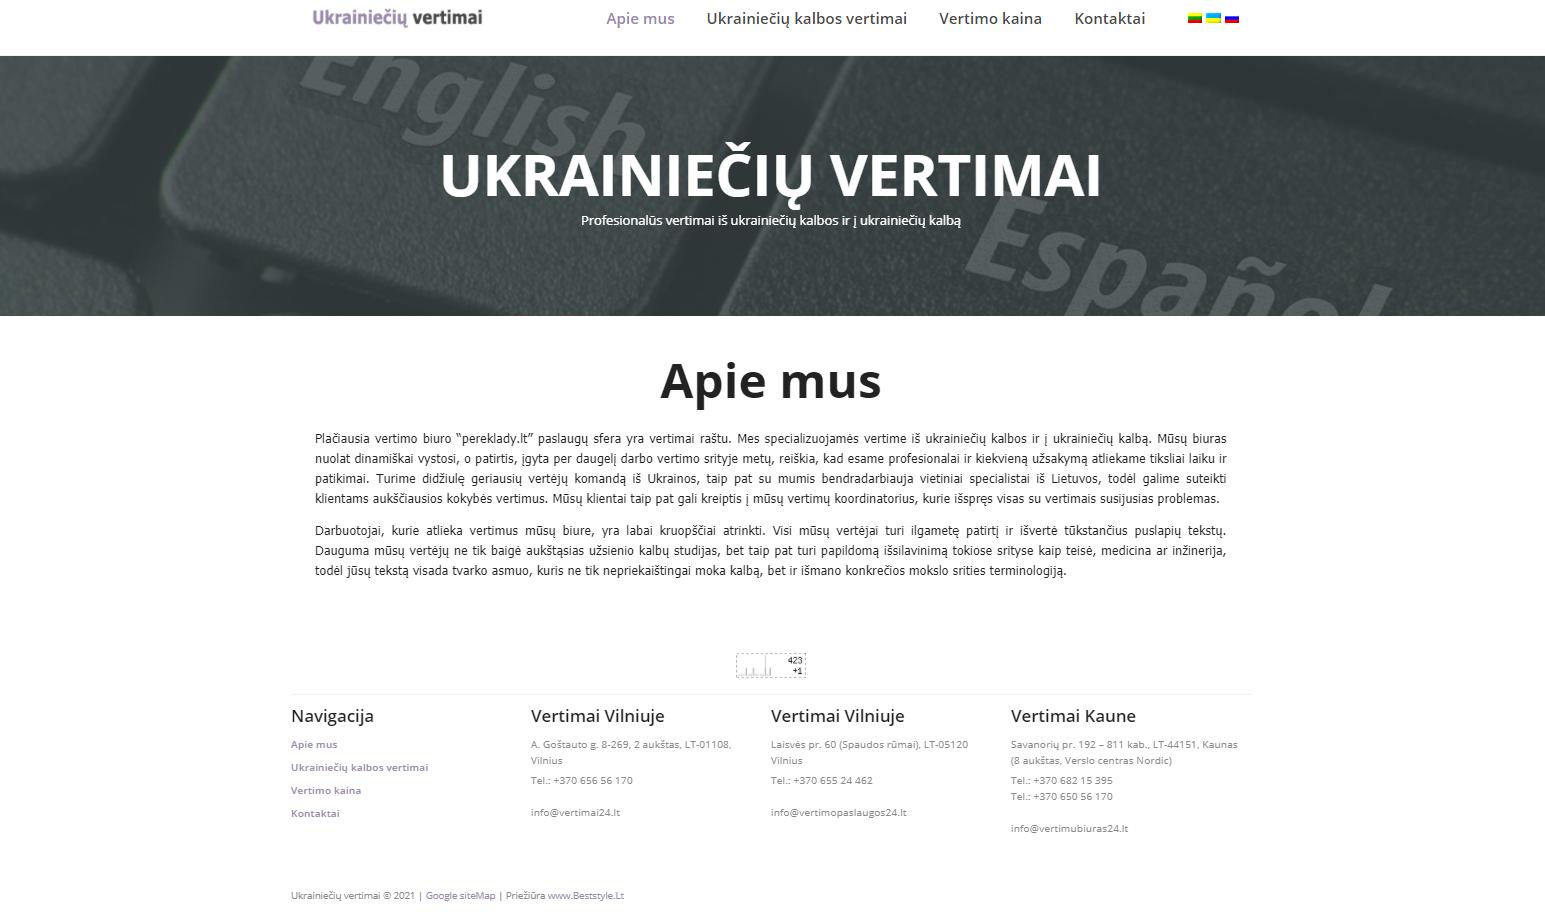 Ukrainiečių vertimai